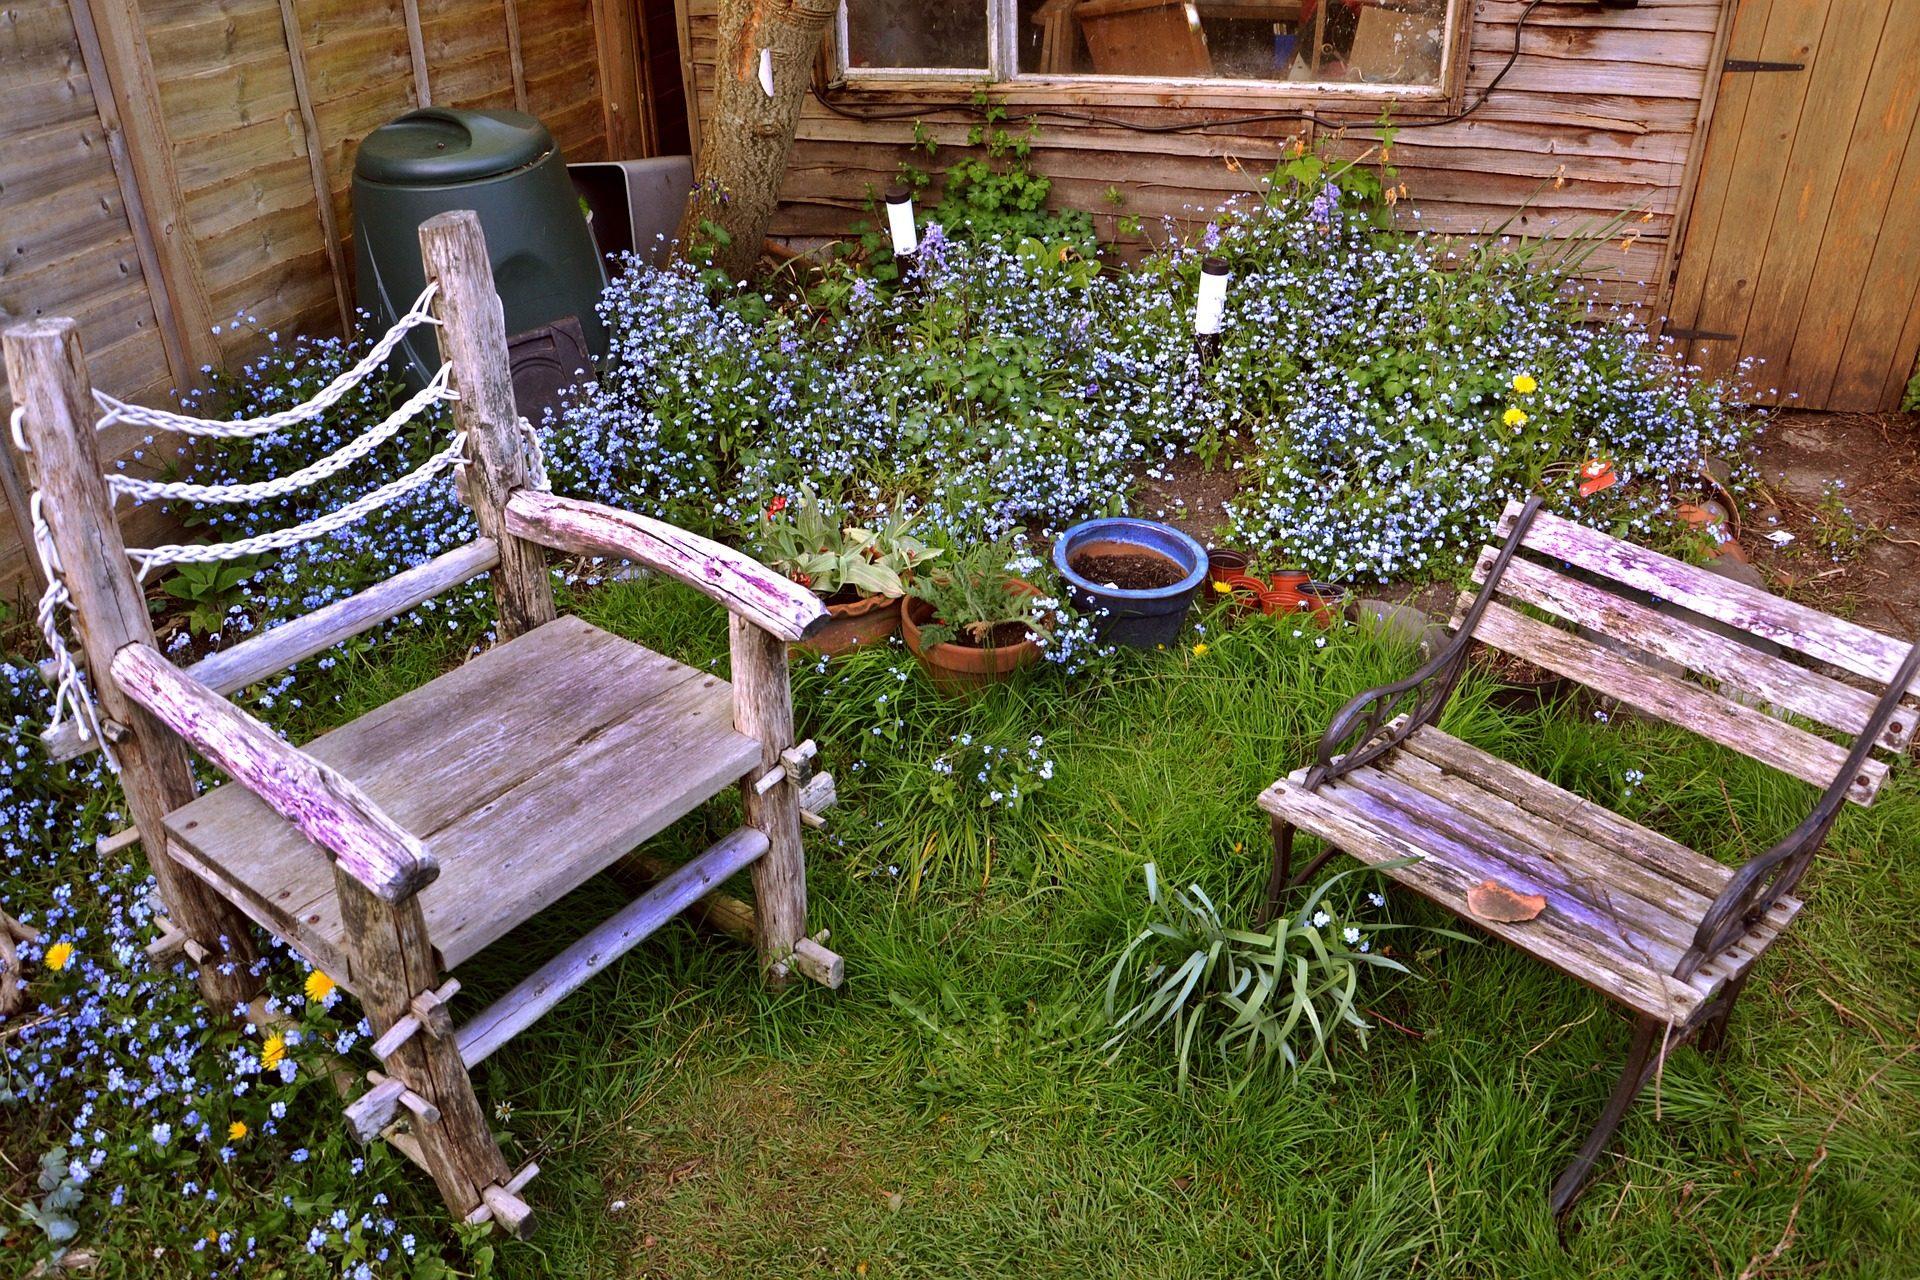 كراسي, الخشب, حديقة, الأواني, الزهور, كابانا - خلفيات عالية الدقة - أستاذ falken.com